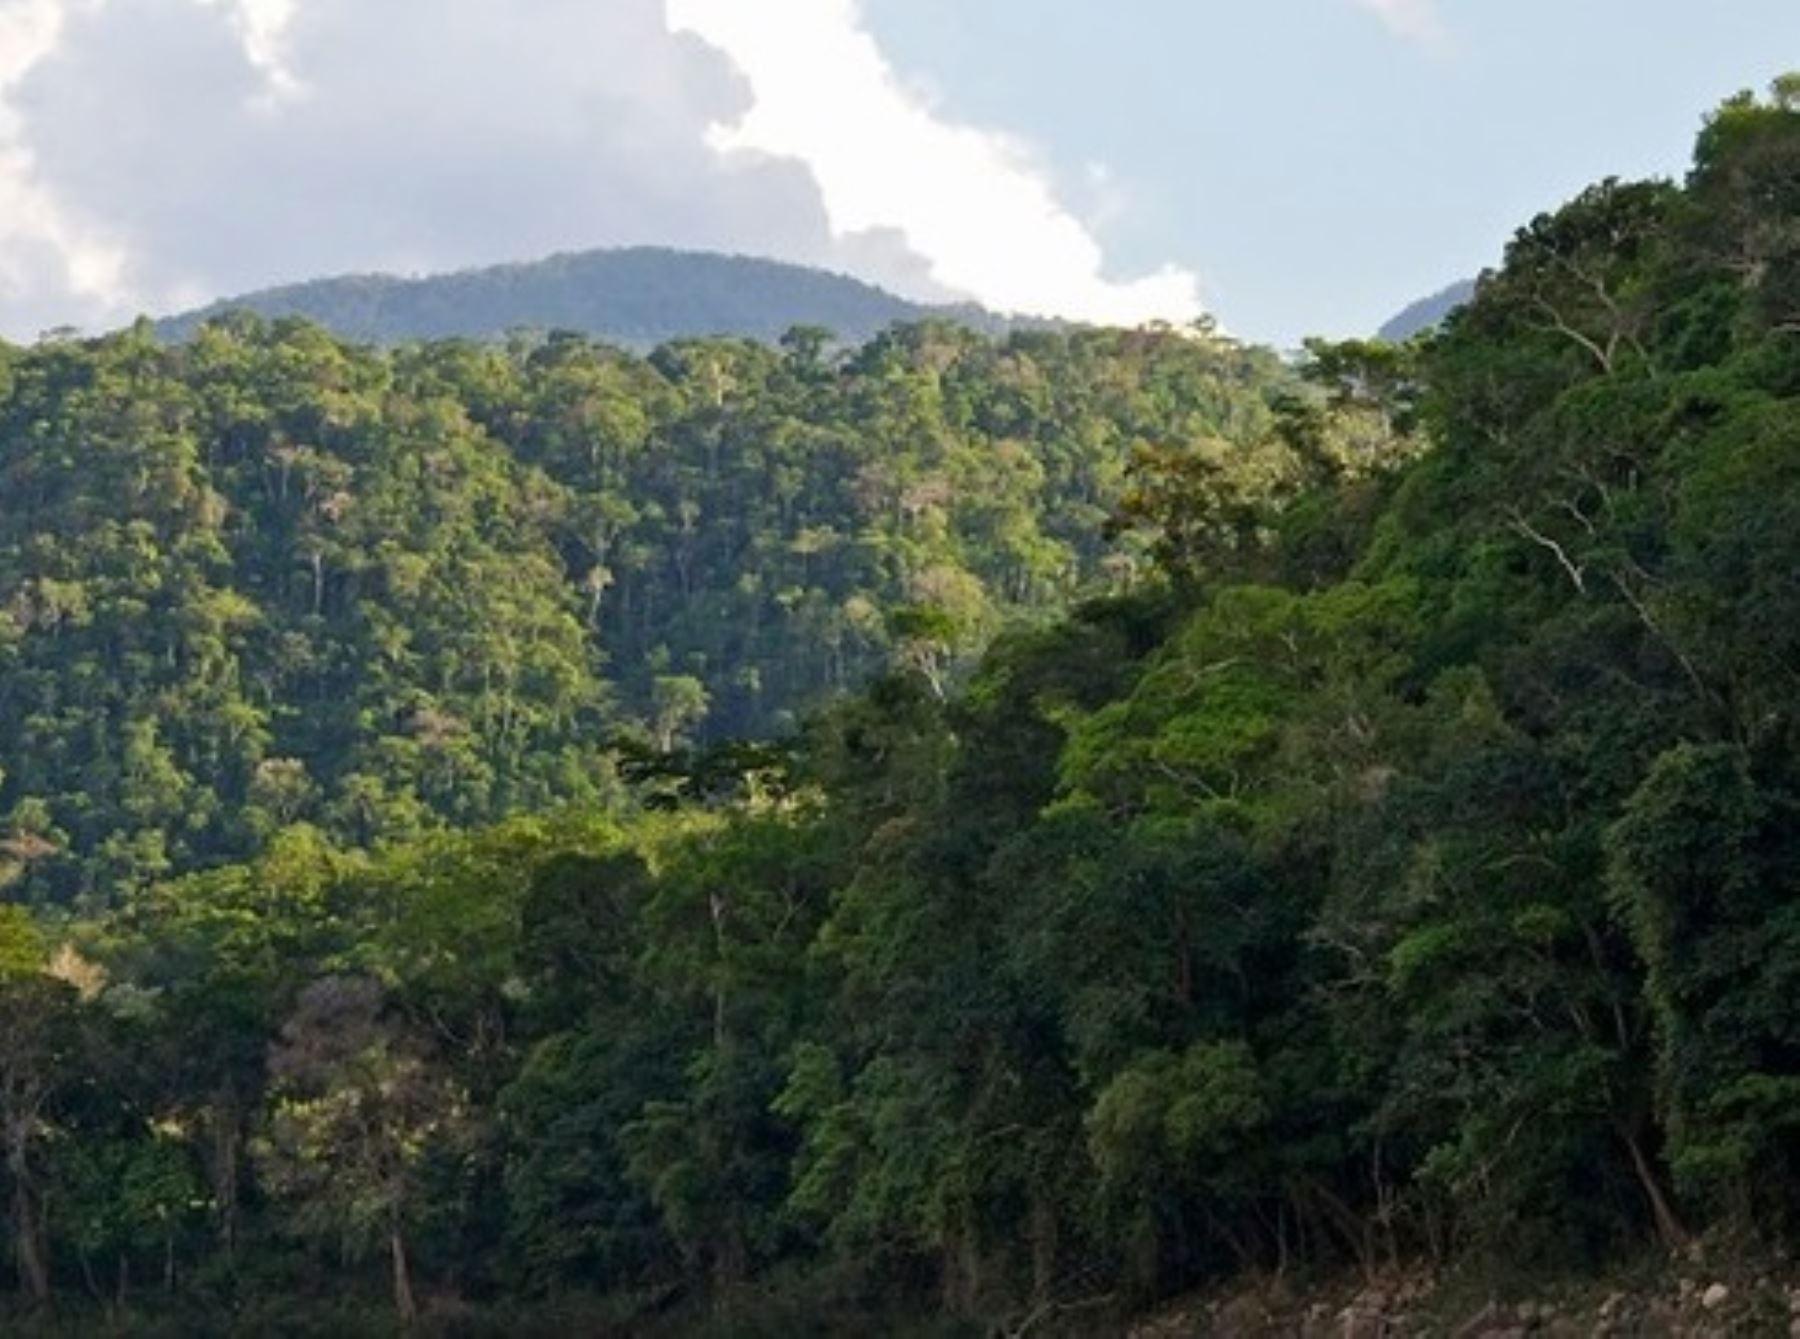 Gobierno refuerza estrategias para combatir la deforestación de los bosques y el Minam anunció que invertirá US$ 120 millones para ejecutar proyectos en la Amazonía peruana. ANDINA/Difusión